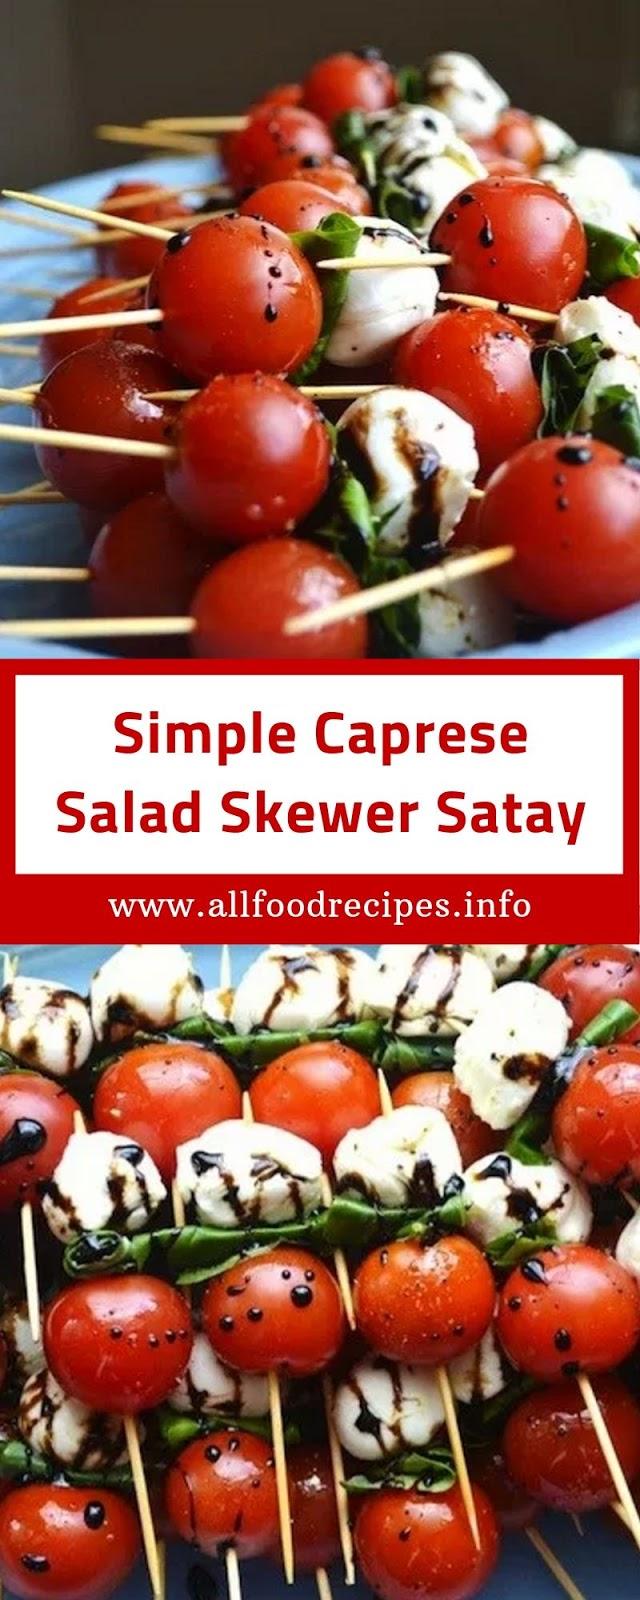 Simple Caprese Salad Skewer Satay